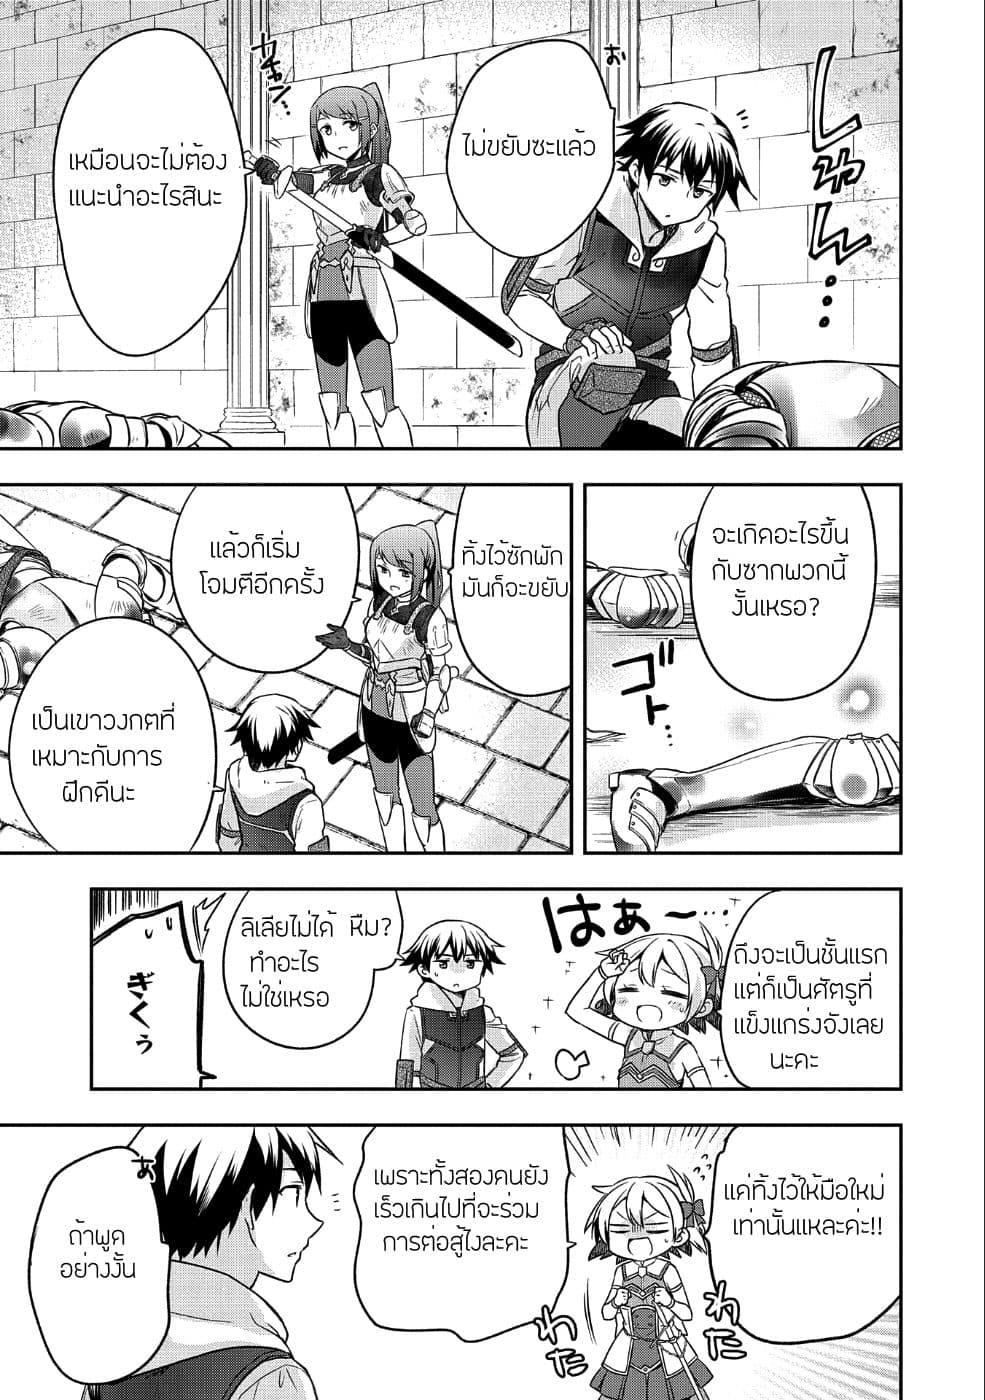 อ่านการ์ตูน Mushoku No Eiyuu Betsu Ni Skill Nanka Iranakatta Ndaga ตอนที่ 7 หน้าที่ 17